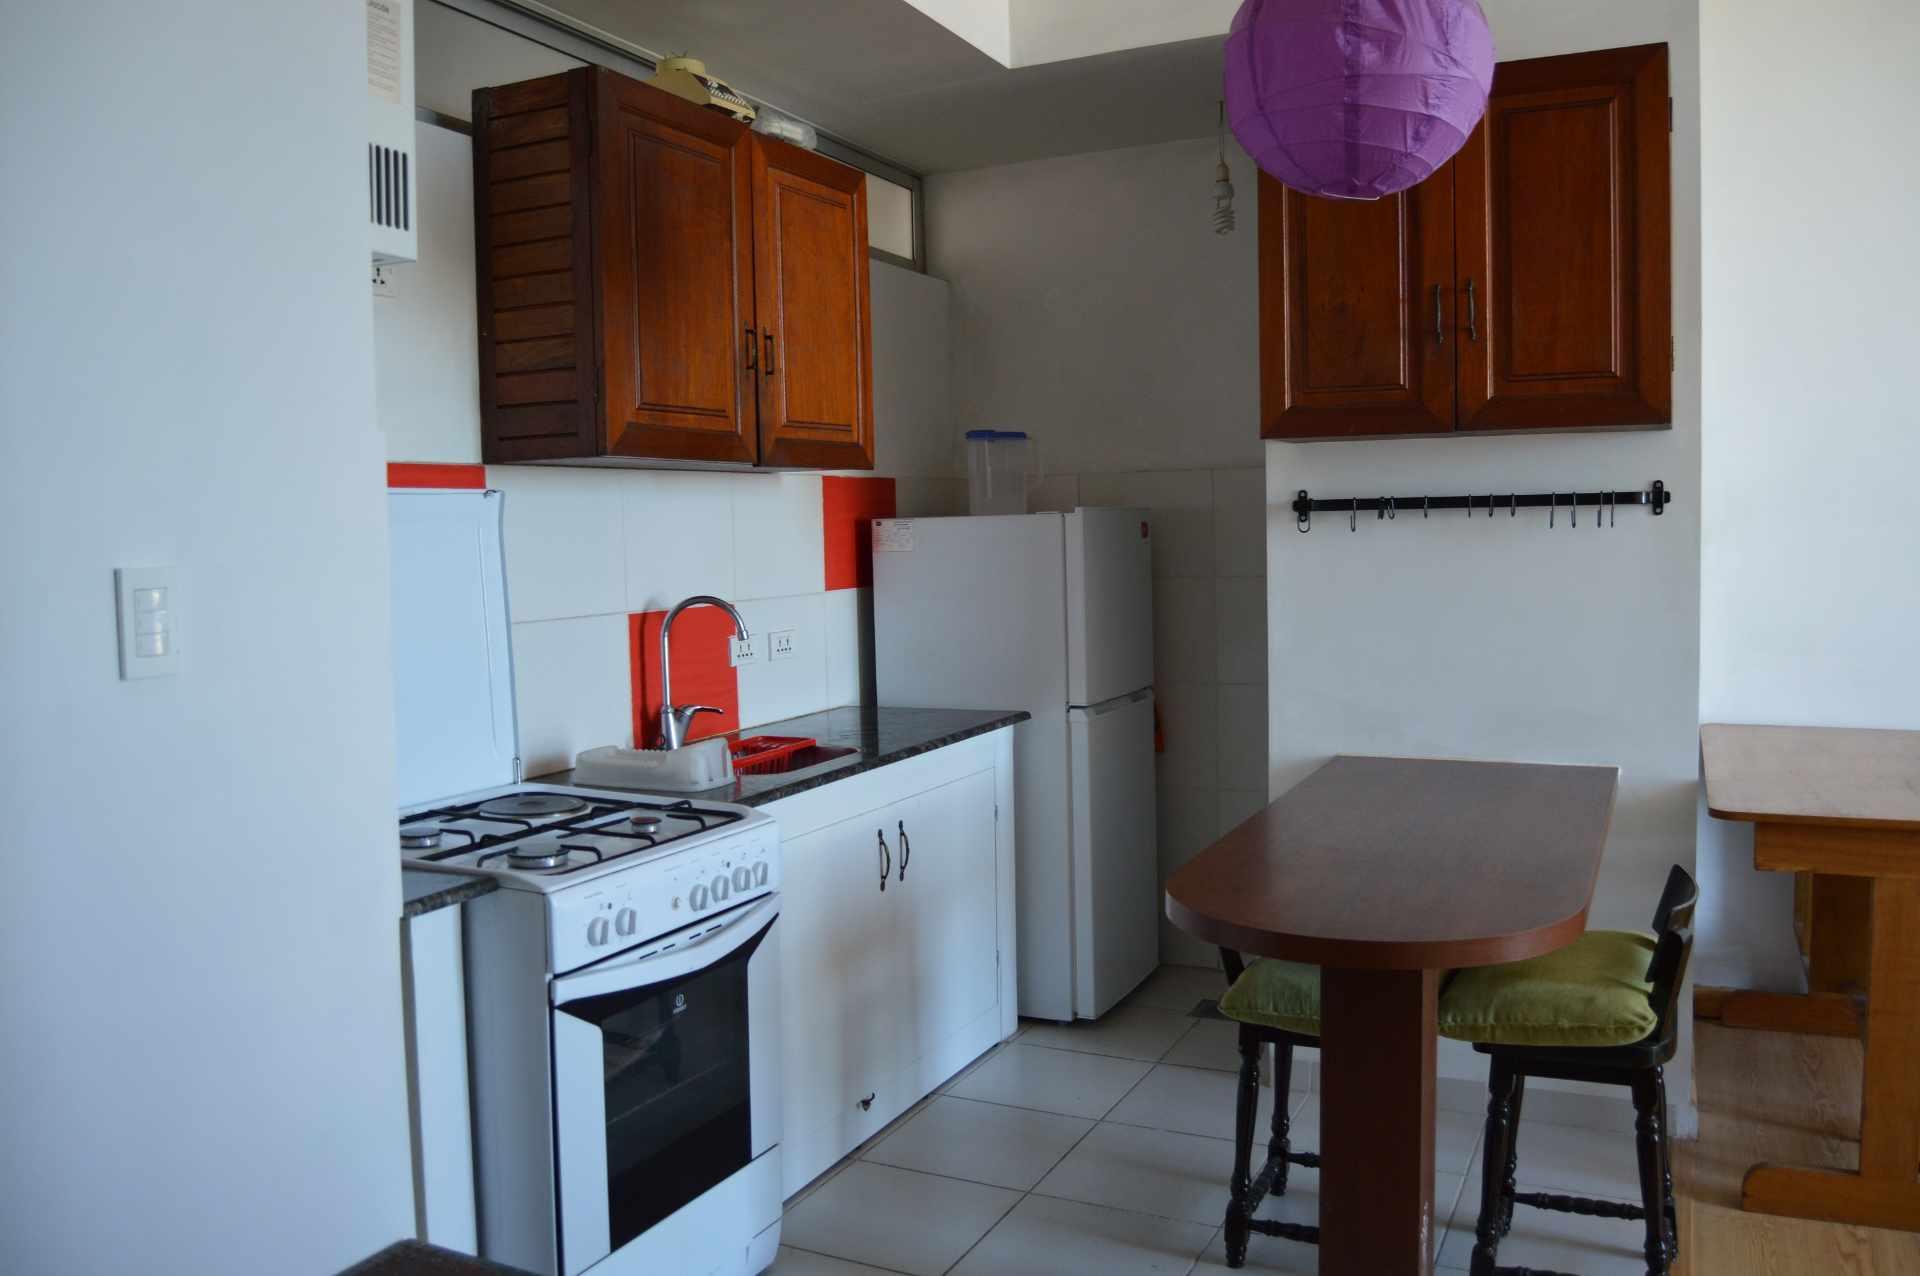 Departamento en Alquiler Calle Velasco, entre La Rivas y Lemoine, EDIFICIO TRES CARAVELAS, piso 8, Dpto I.  Foto 3